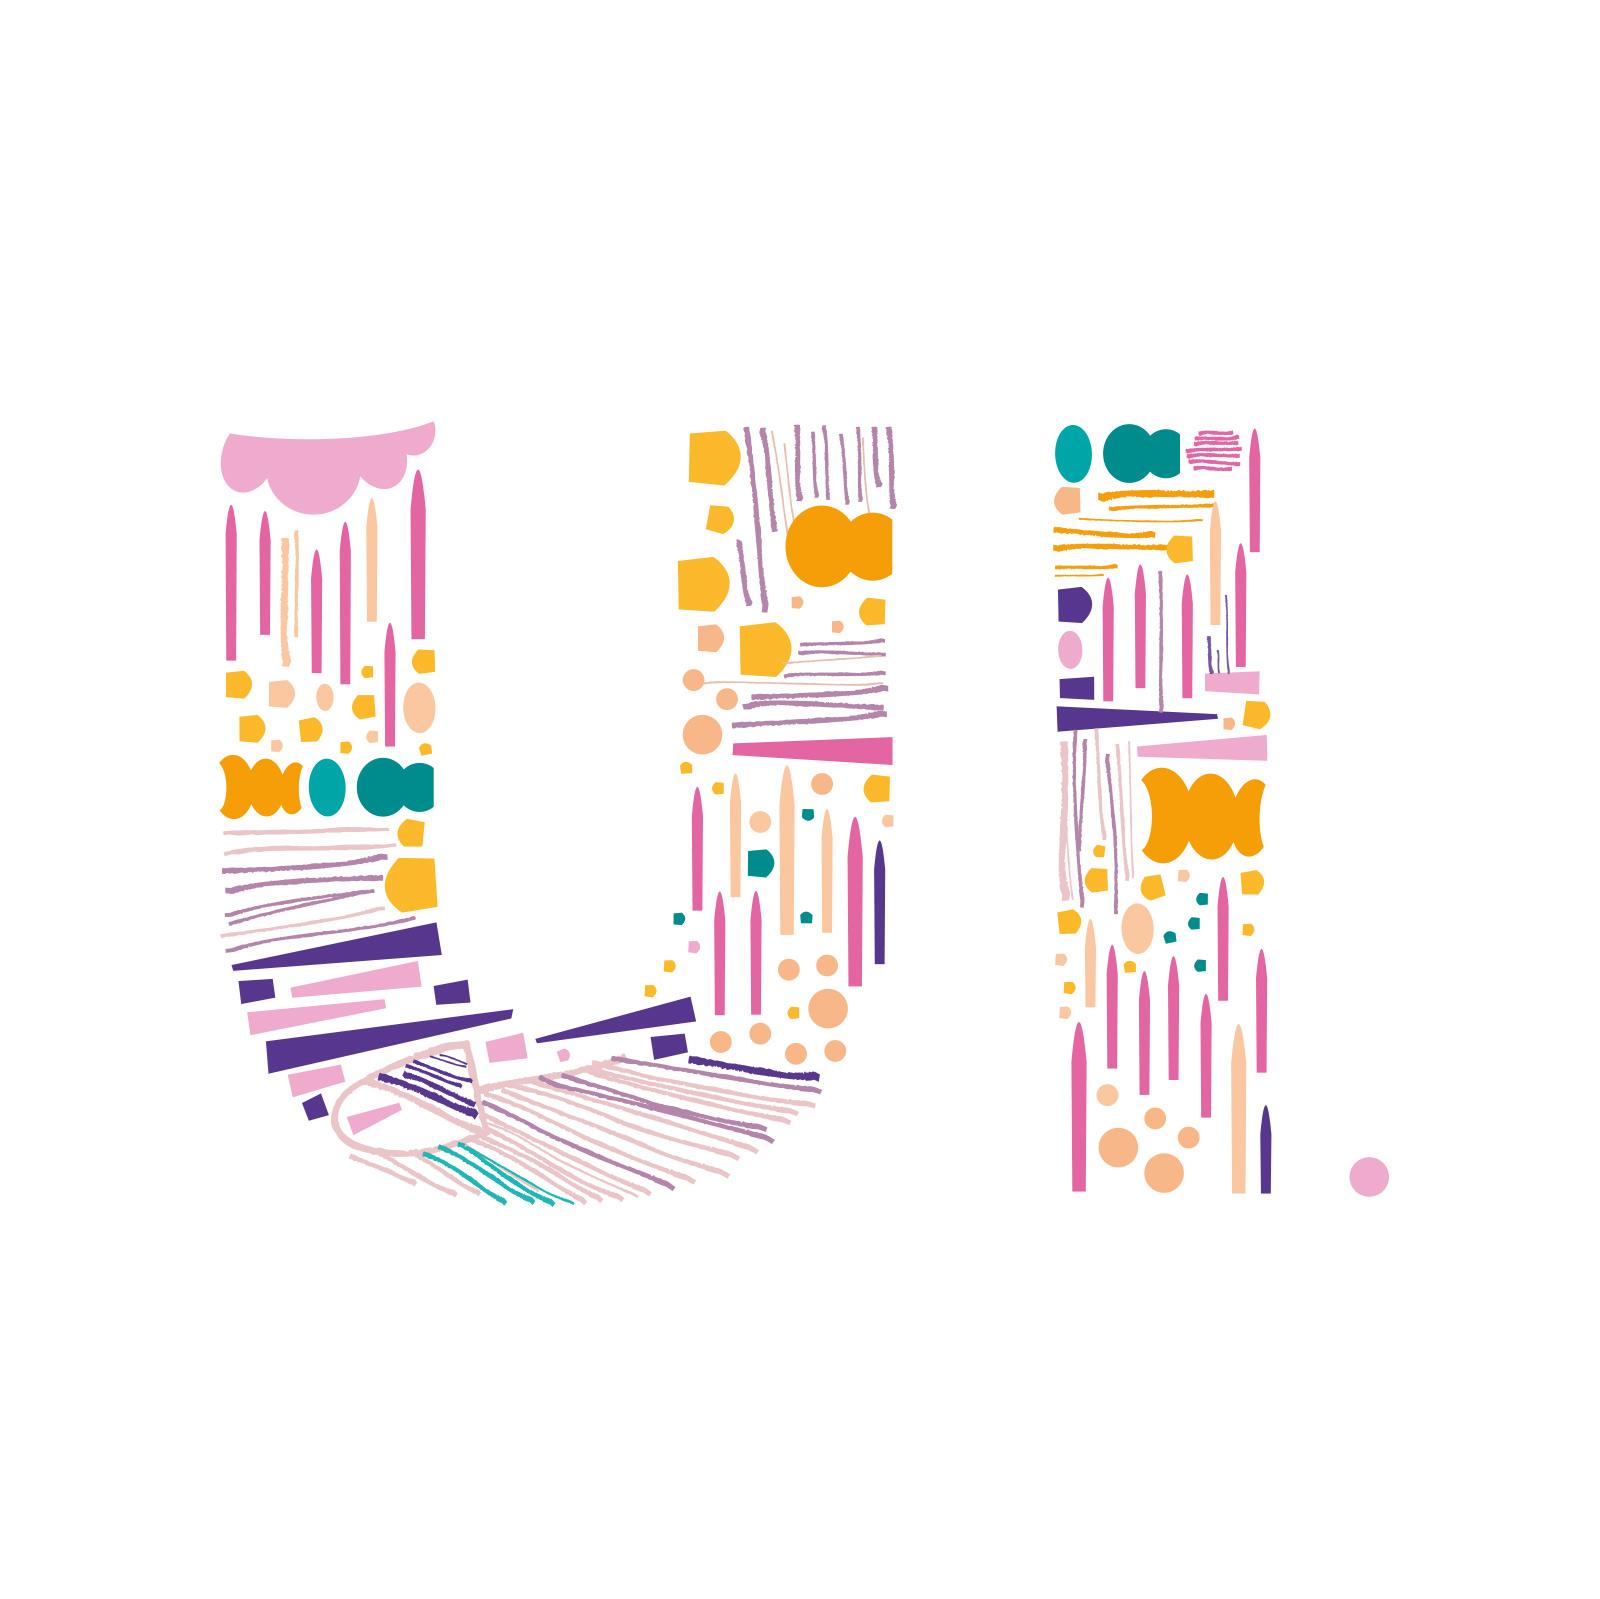 Fiilis Design-Type Illustration